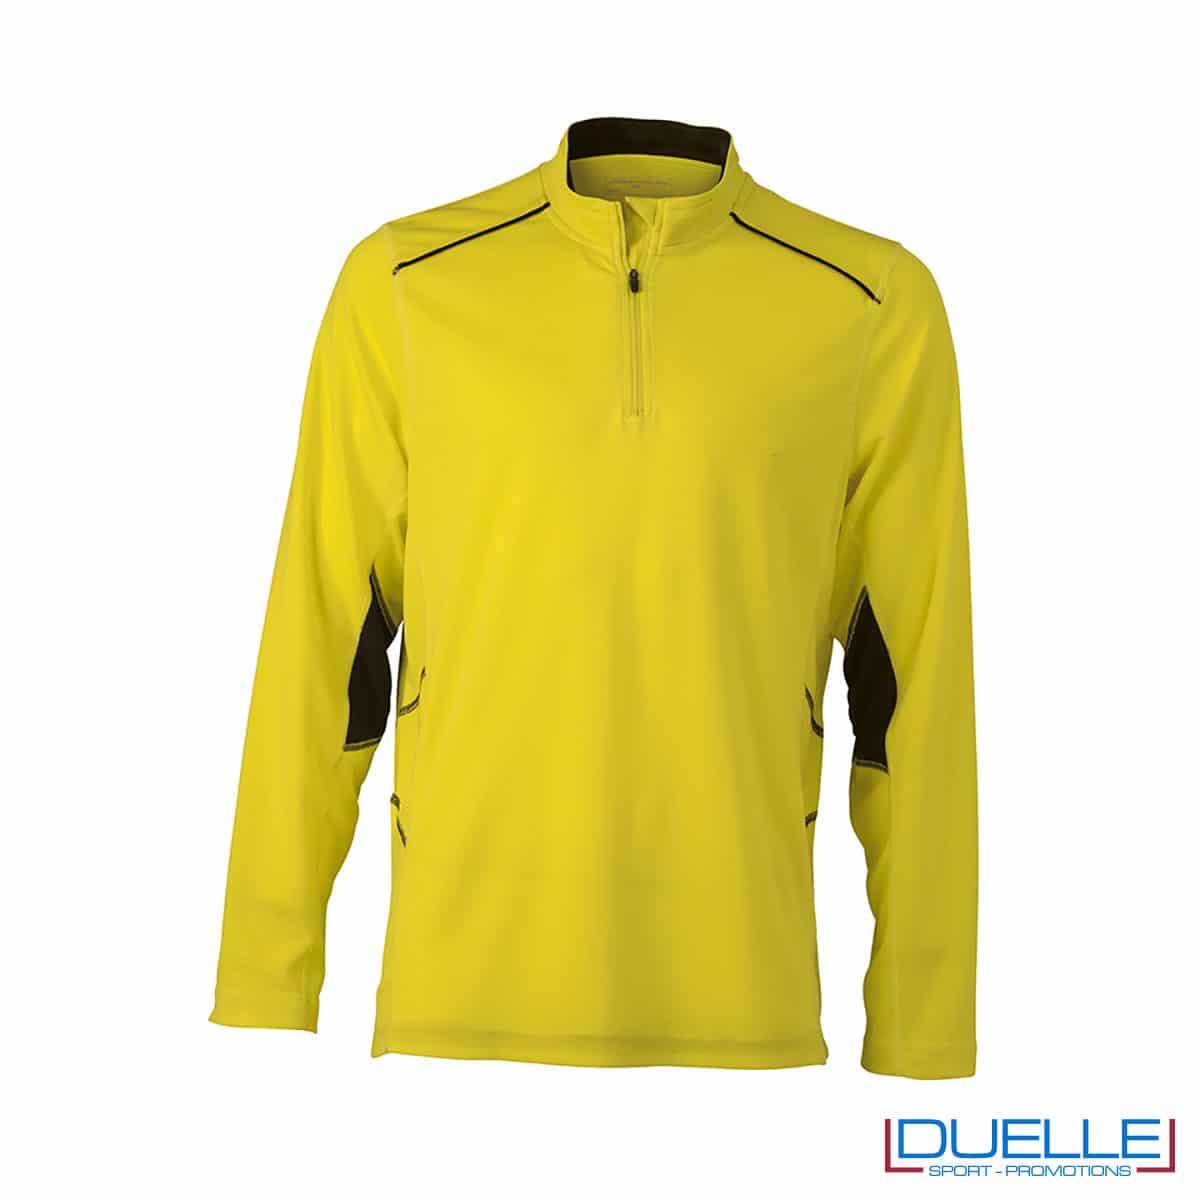 Maglia running con zip uomo colore giallo personalizzata